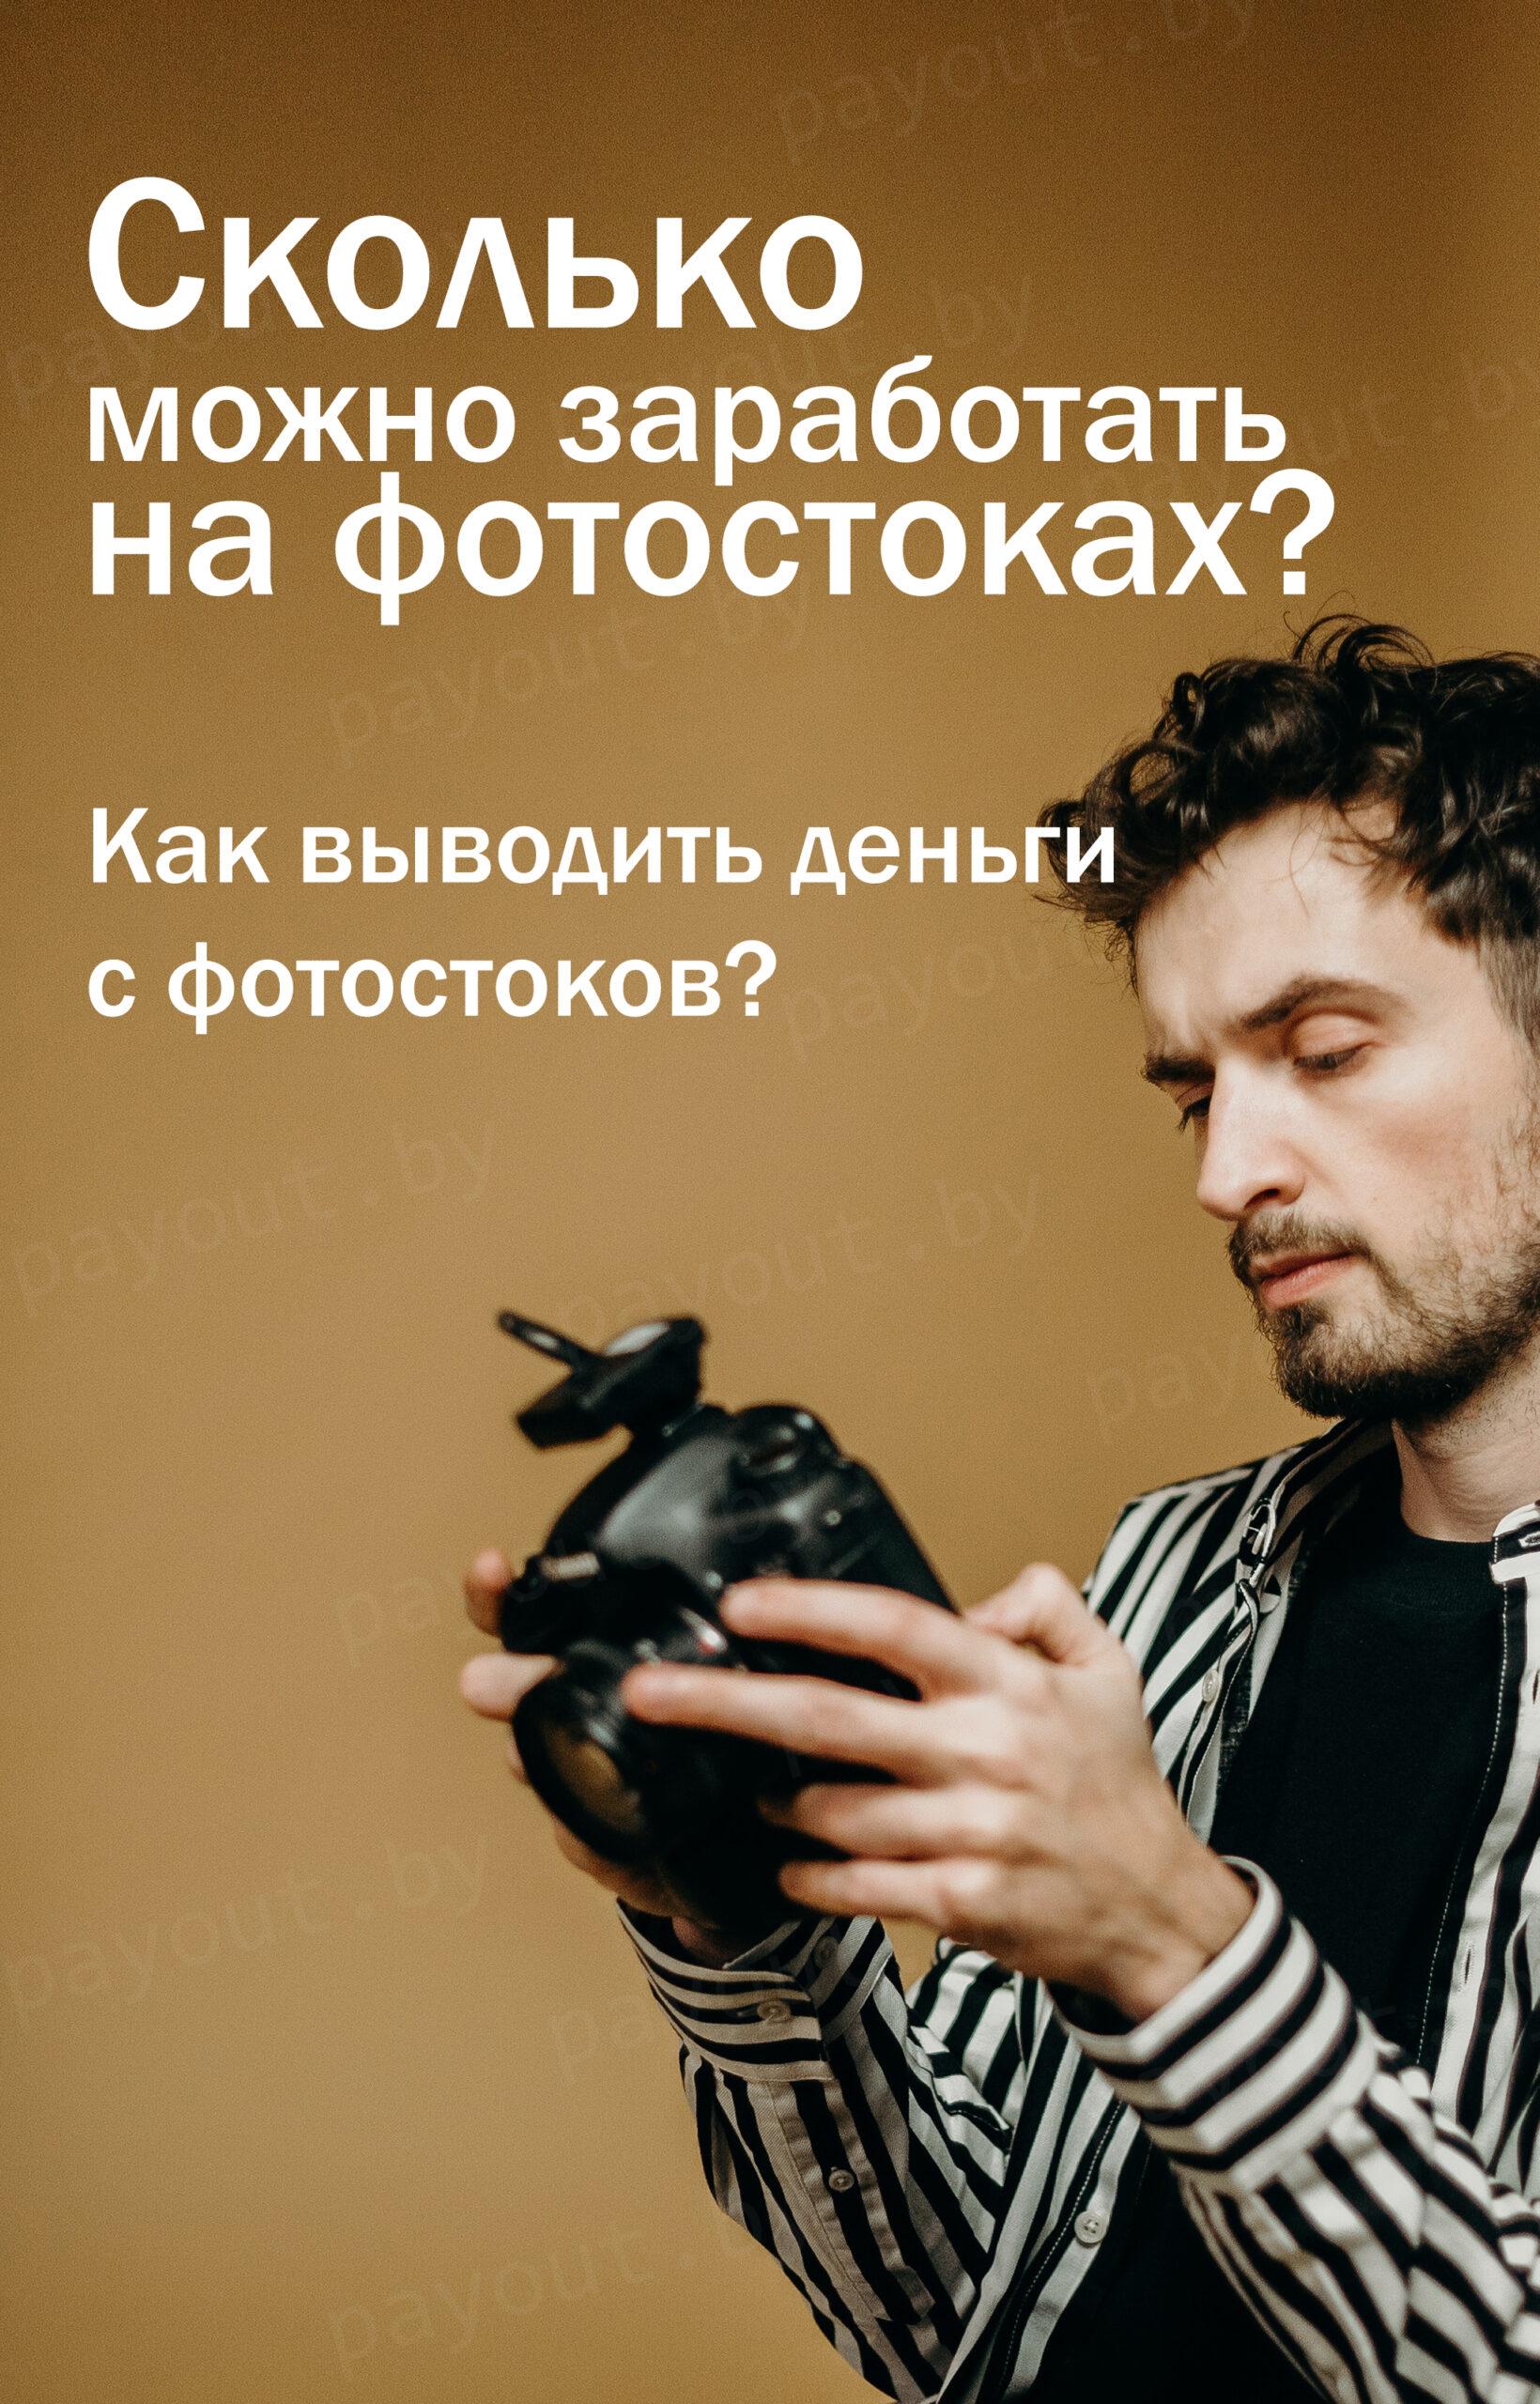 Как и сколько можно заработать на фотостоках беларускому фотографу? Как вывести деньги?